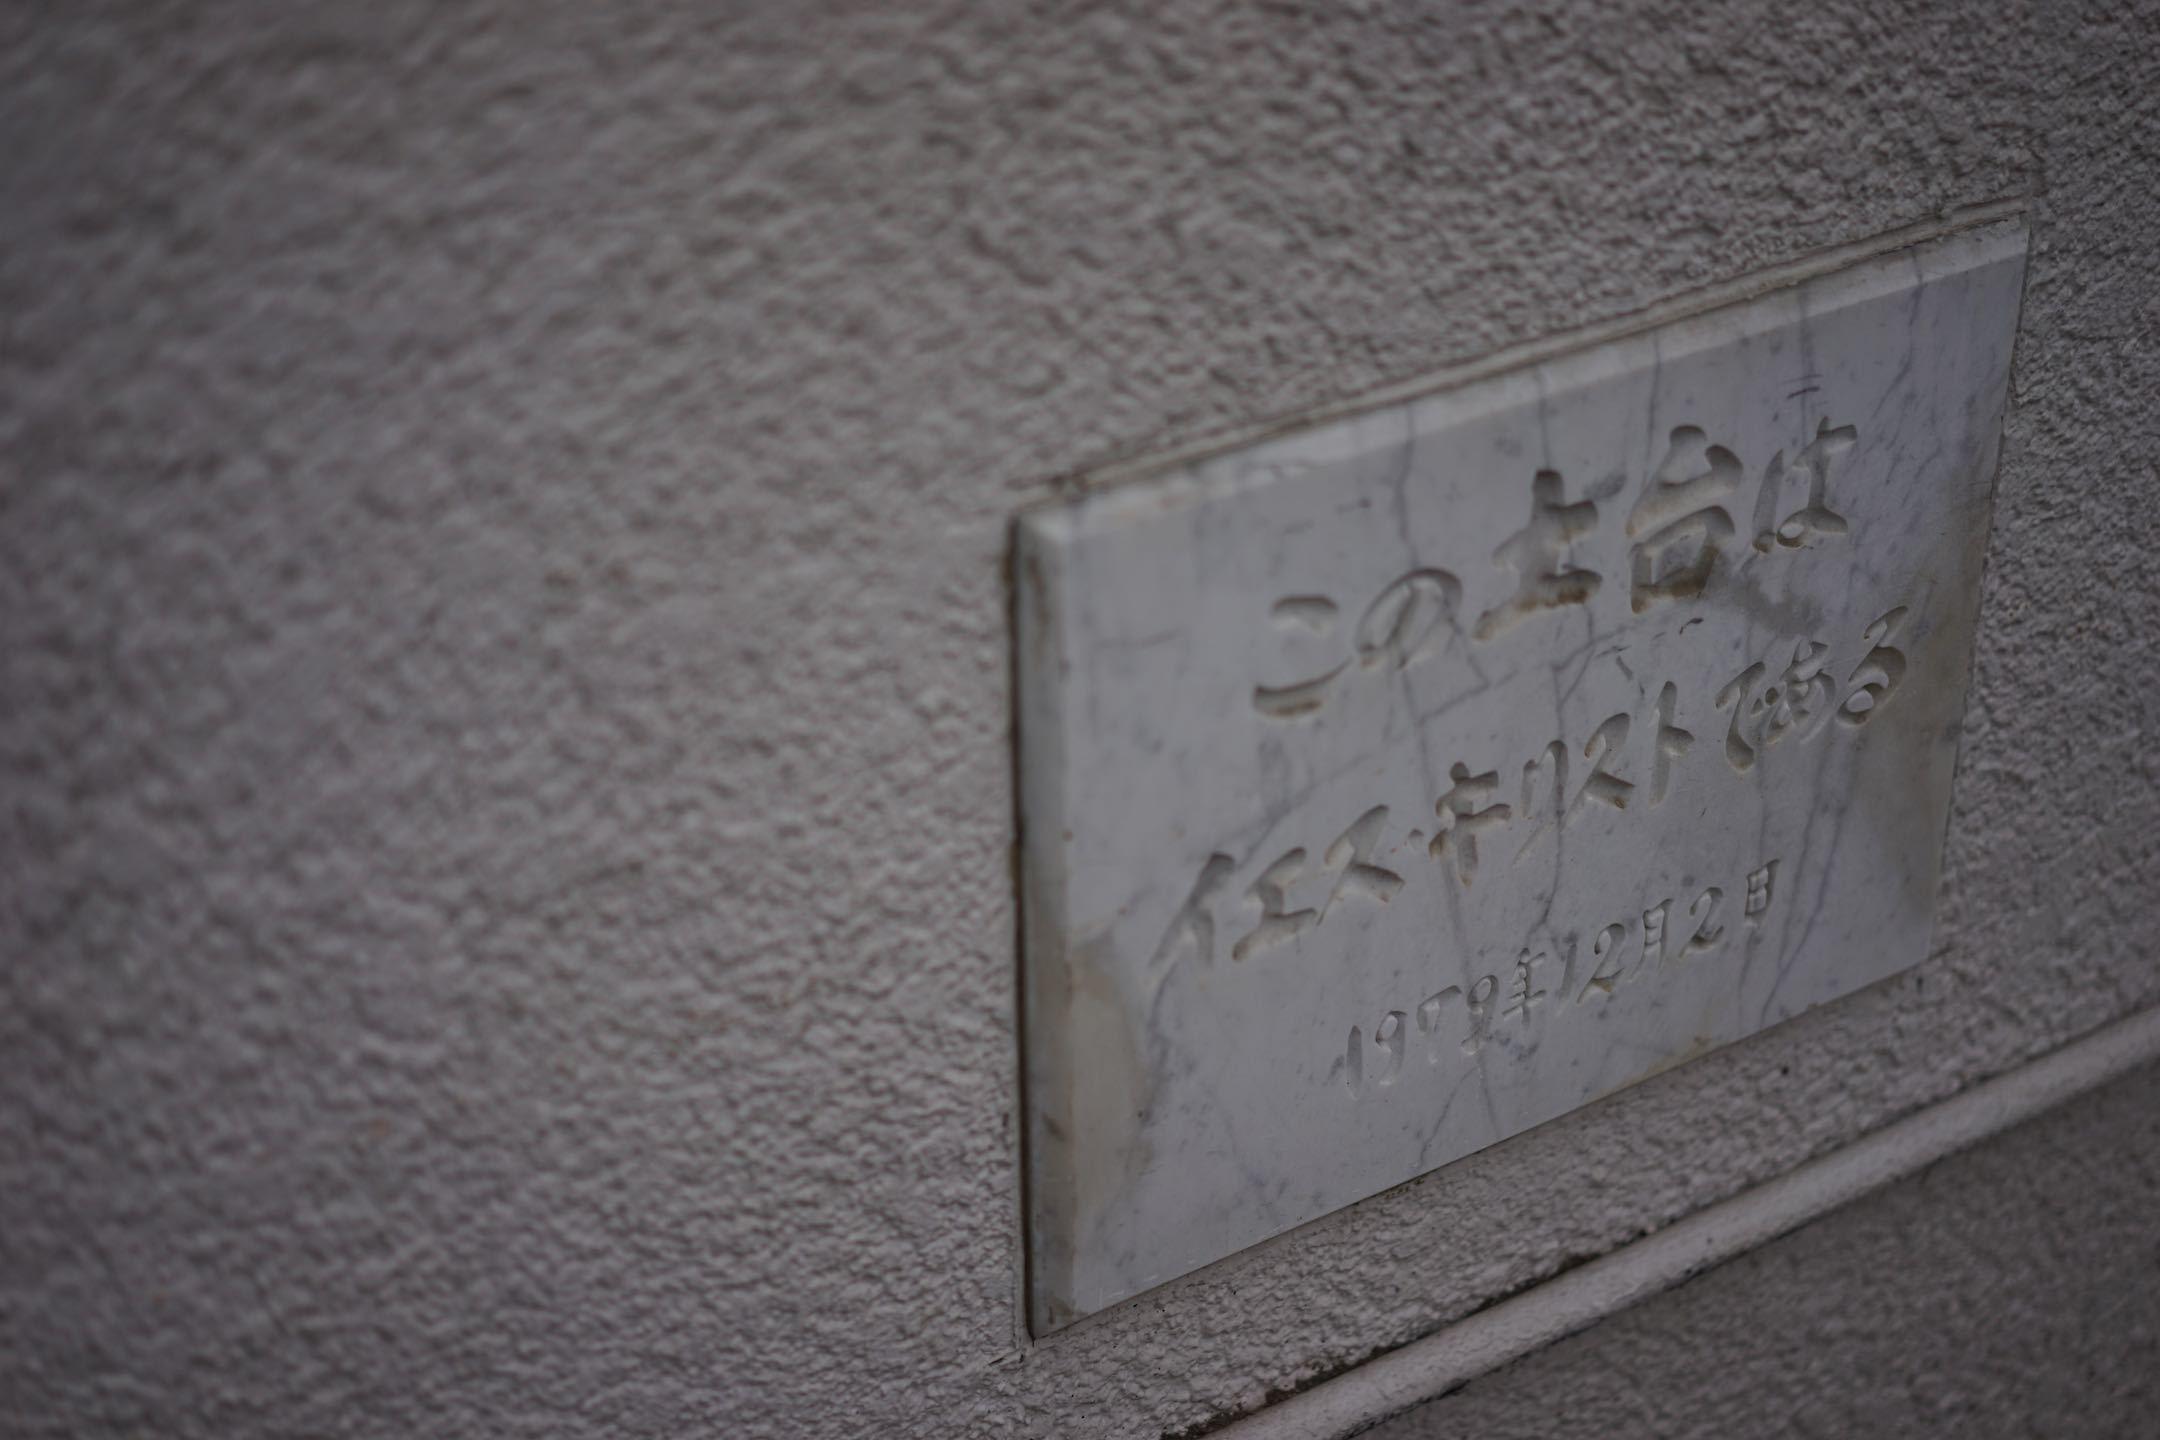 池袋駅周辺スナップ 10_b0360240_21413123.jpg